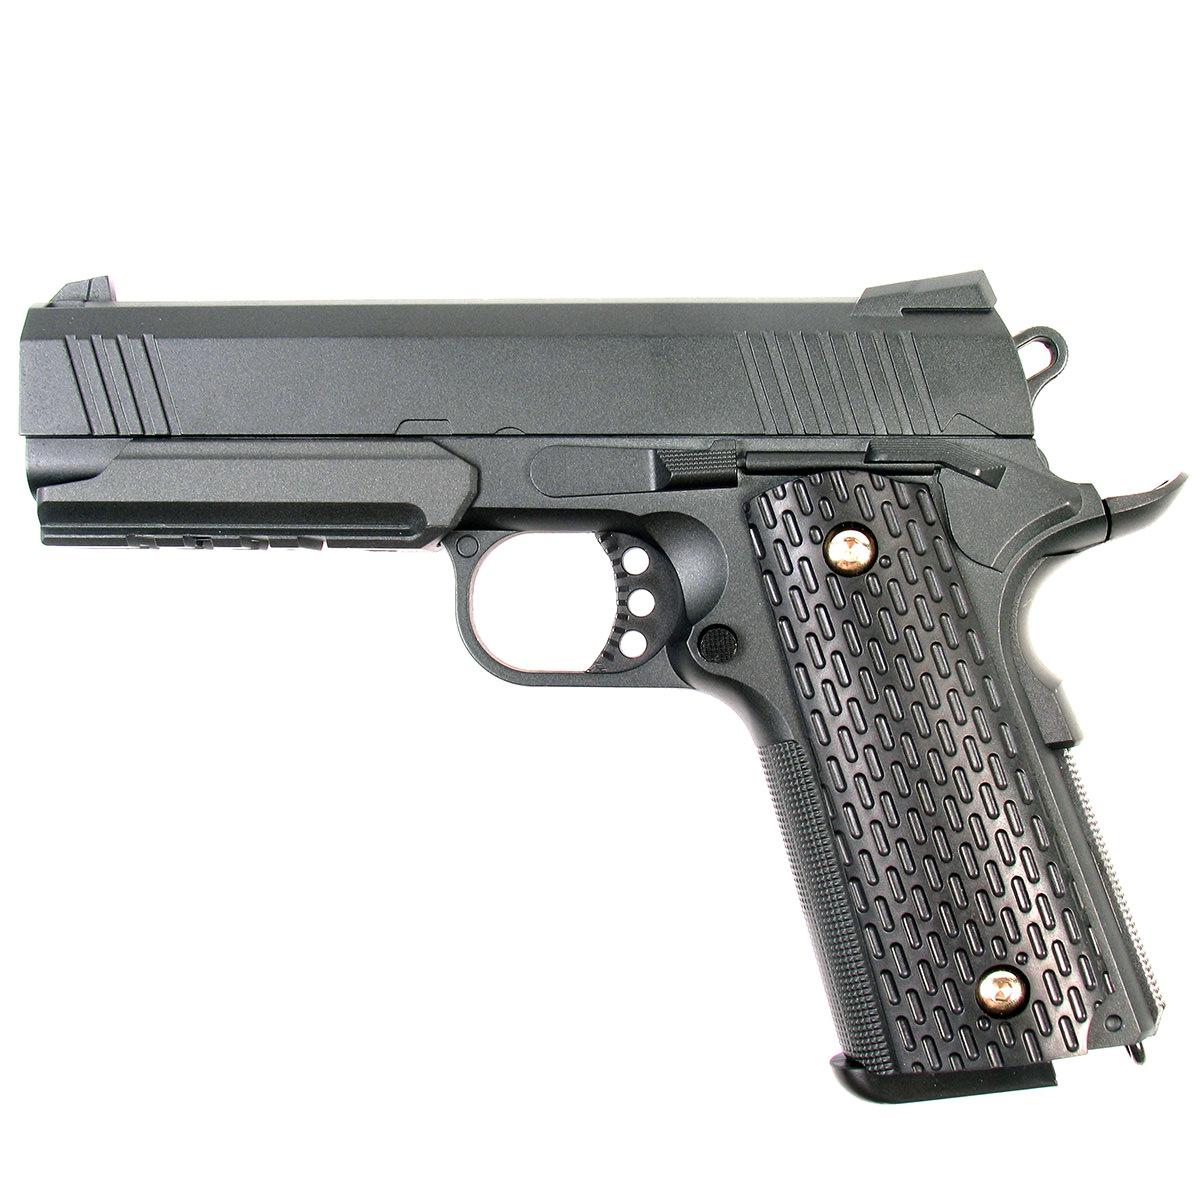 Пистолет страйкбольный Galaxy G.25, пружинный, 6 мм gletcher магазин для пистолета gletcher pm